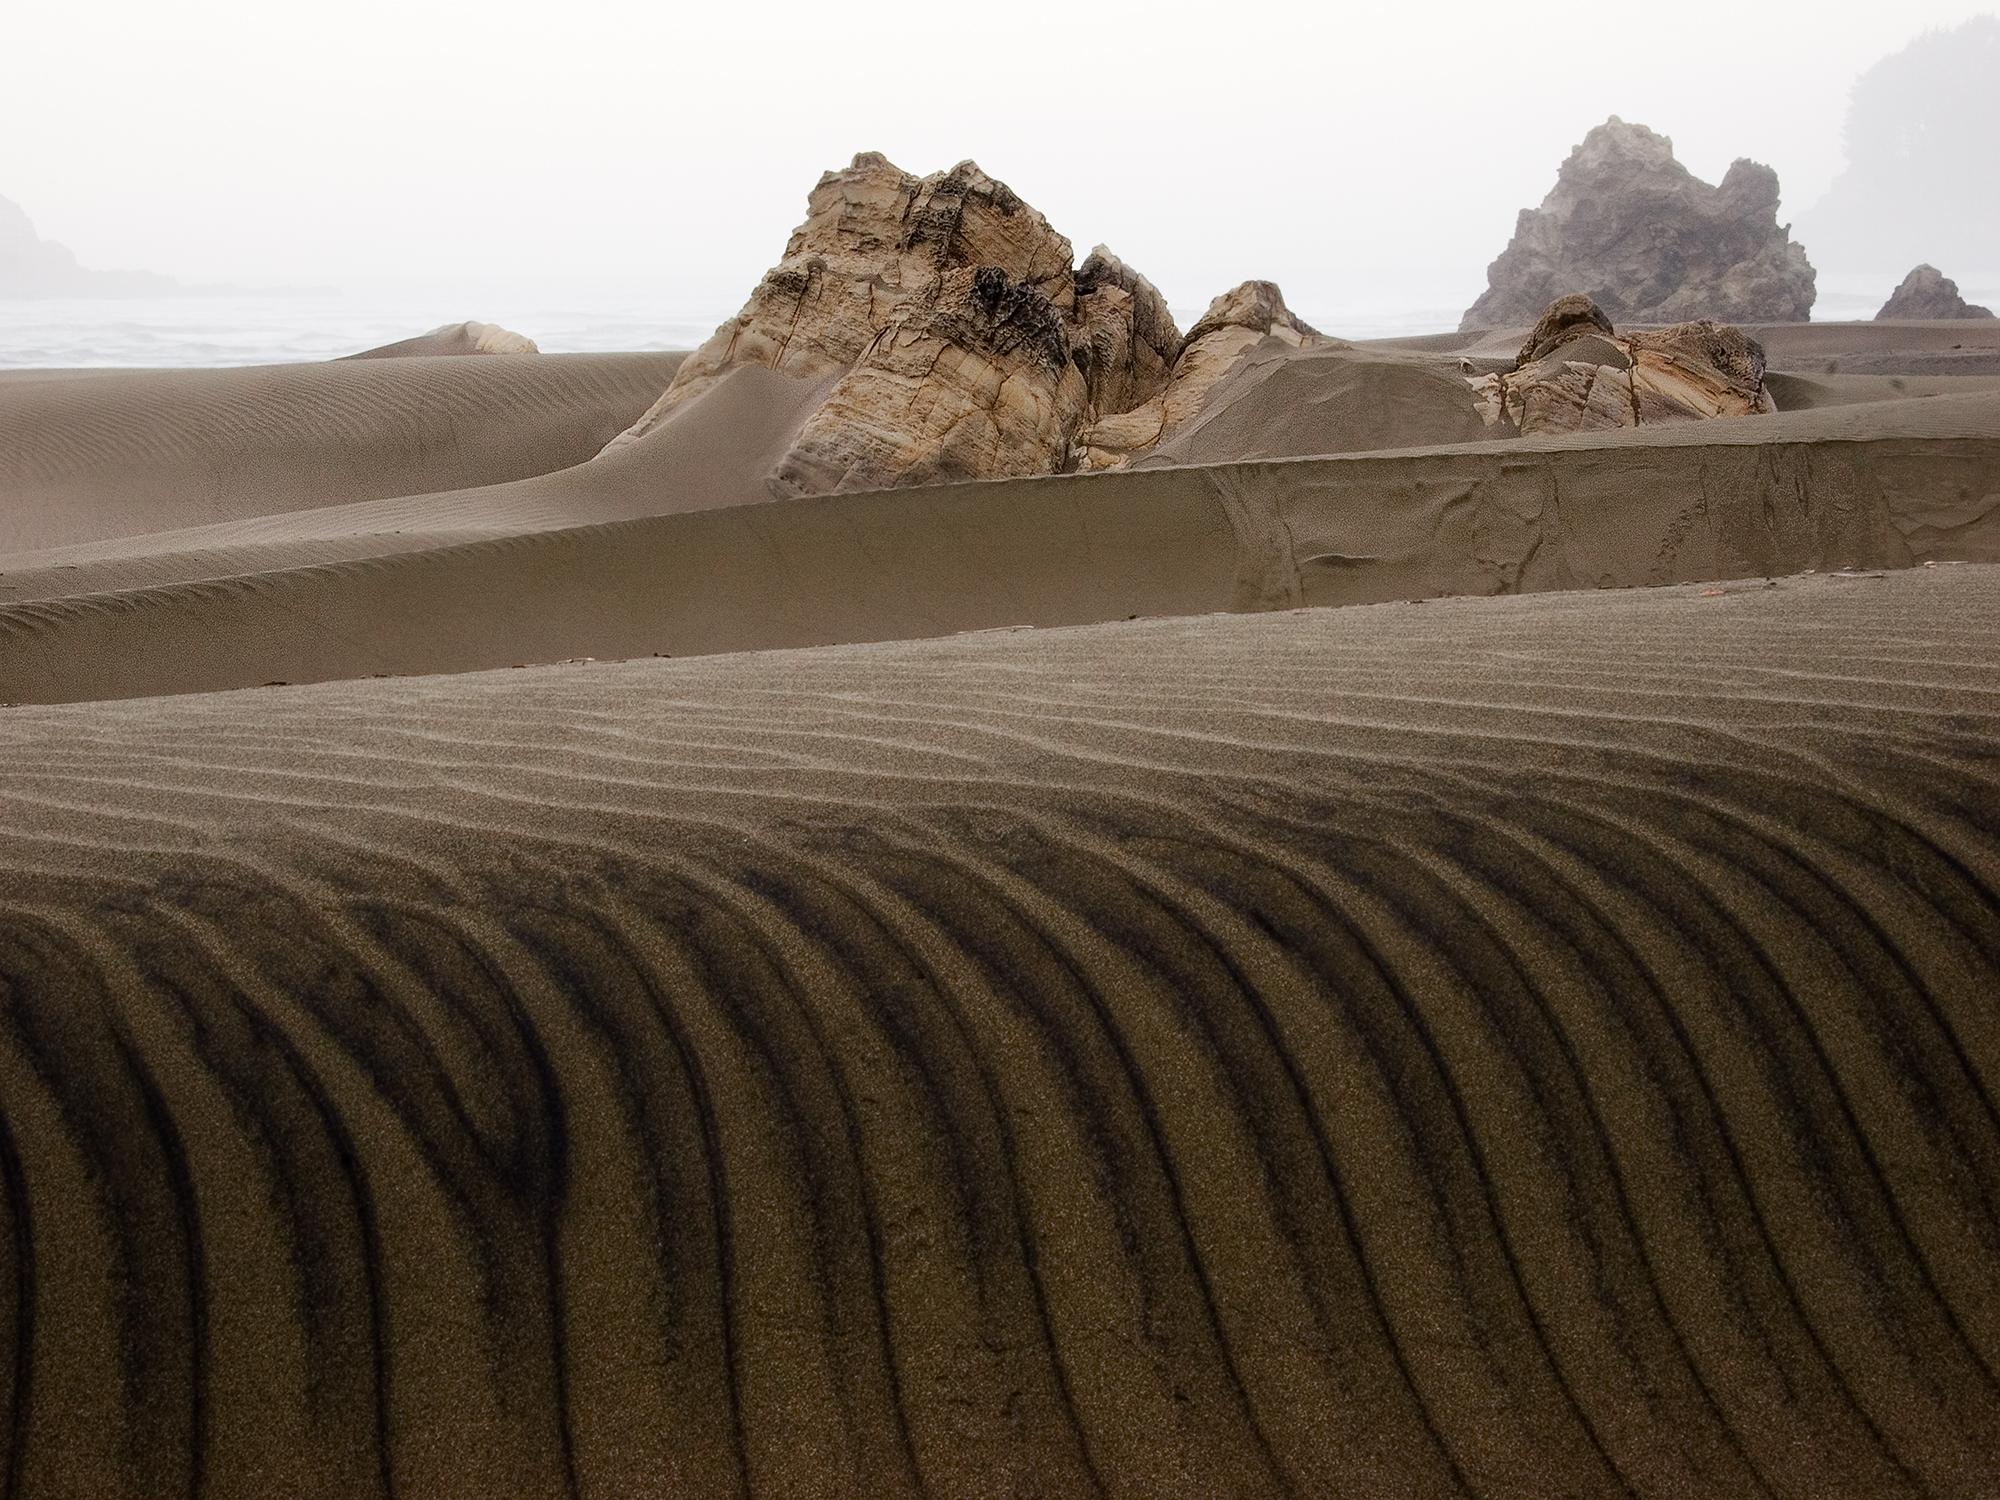 Pistol River Dunes